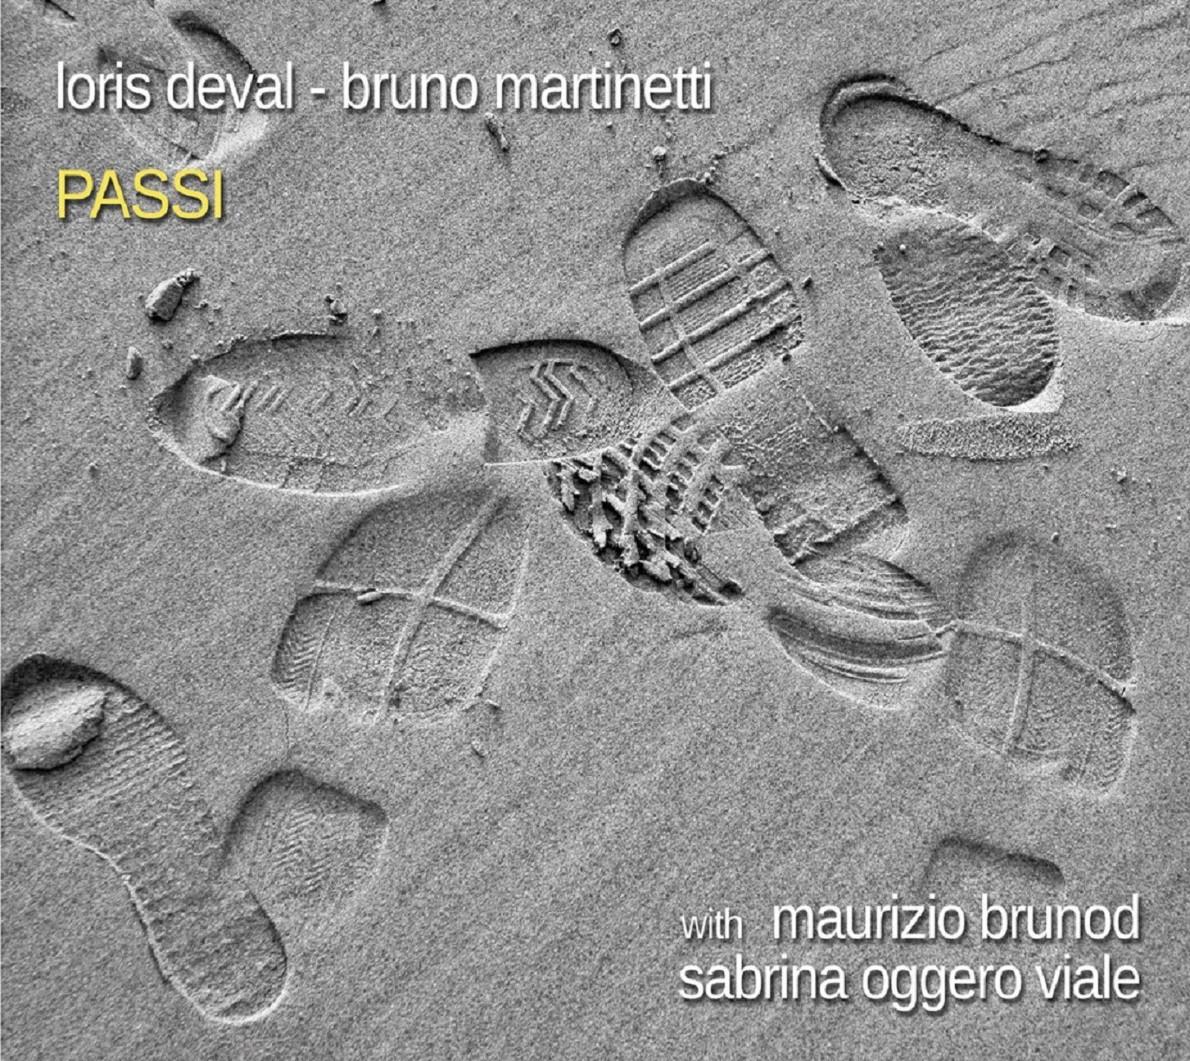 Loris Deval, Bruno Martinetti<br/>Passi<br/>Caligola, 2021